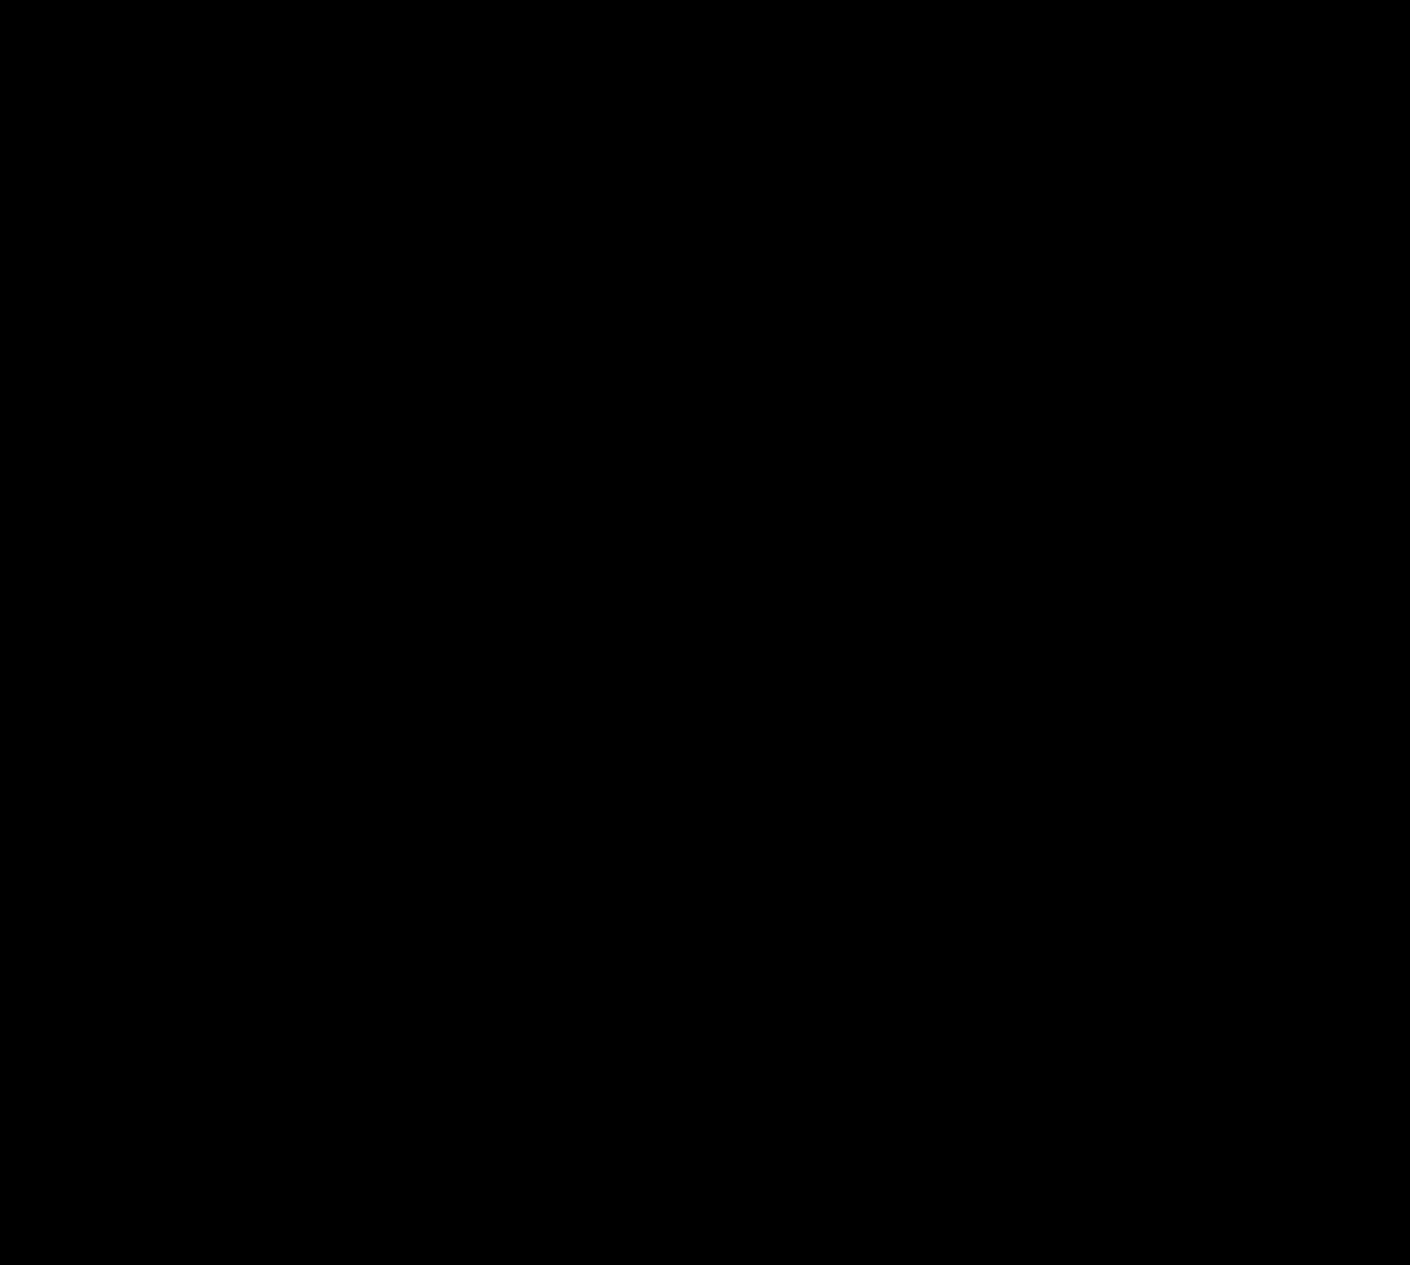 Delivery Partner Logo Black